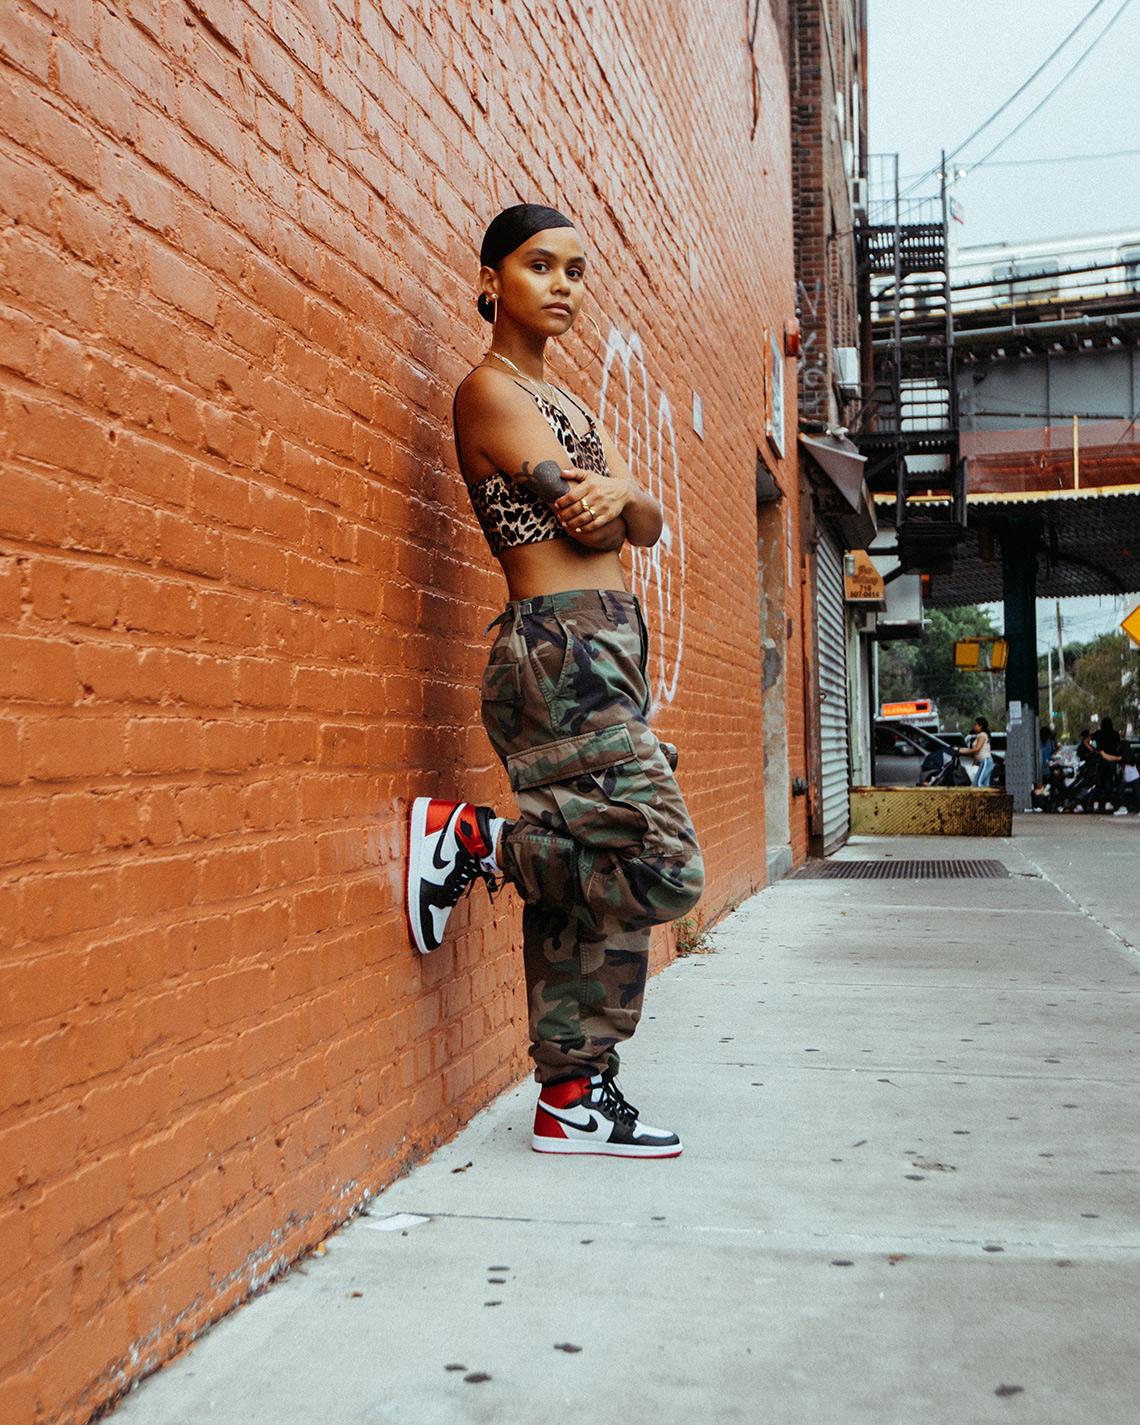 jordan 1 outfit girl